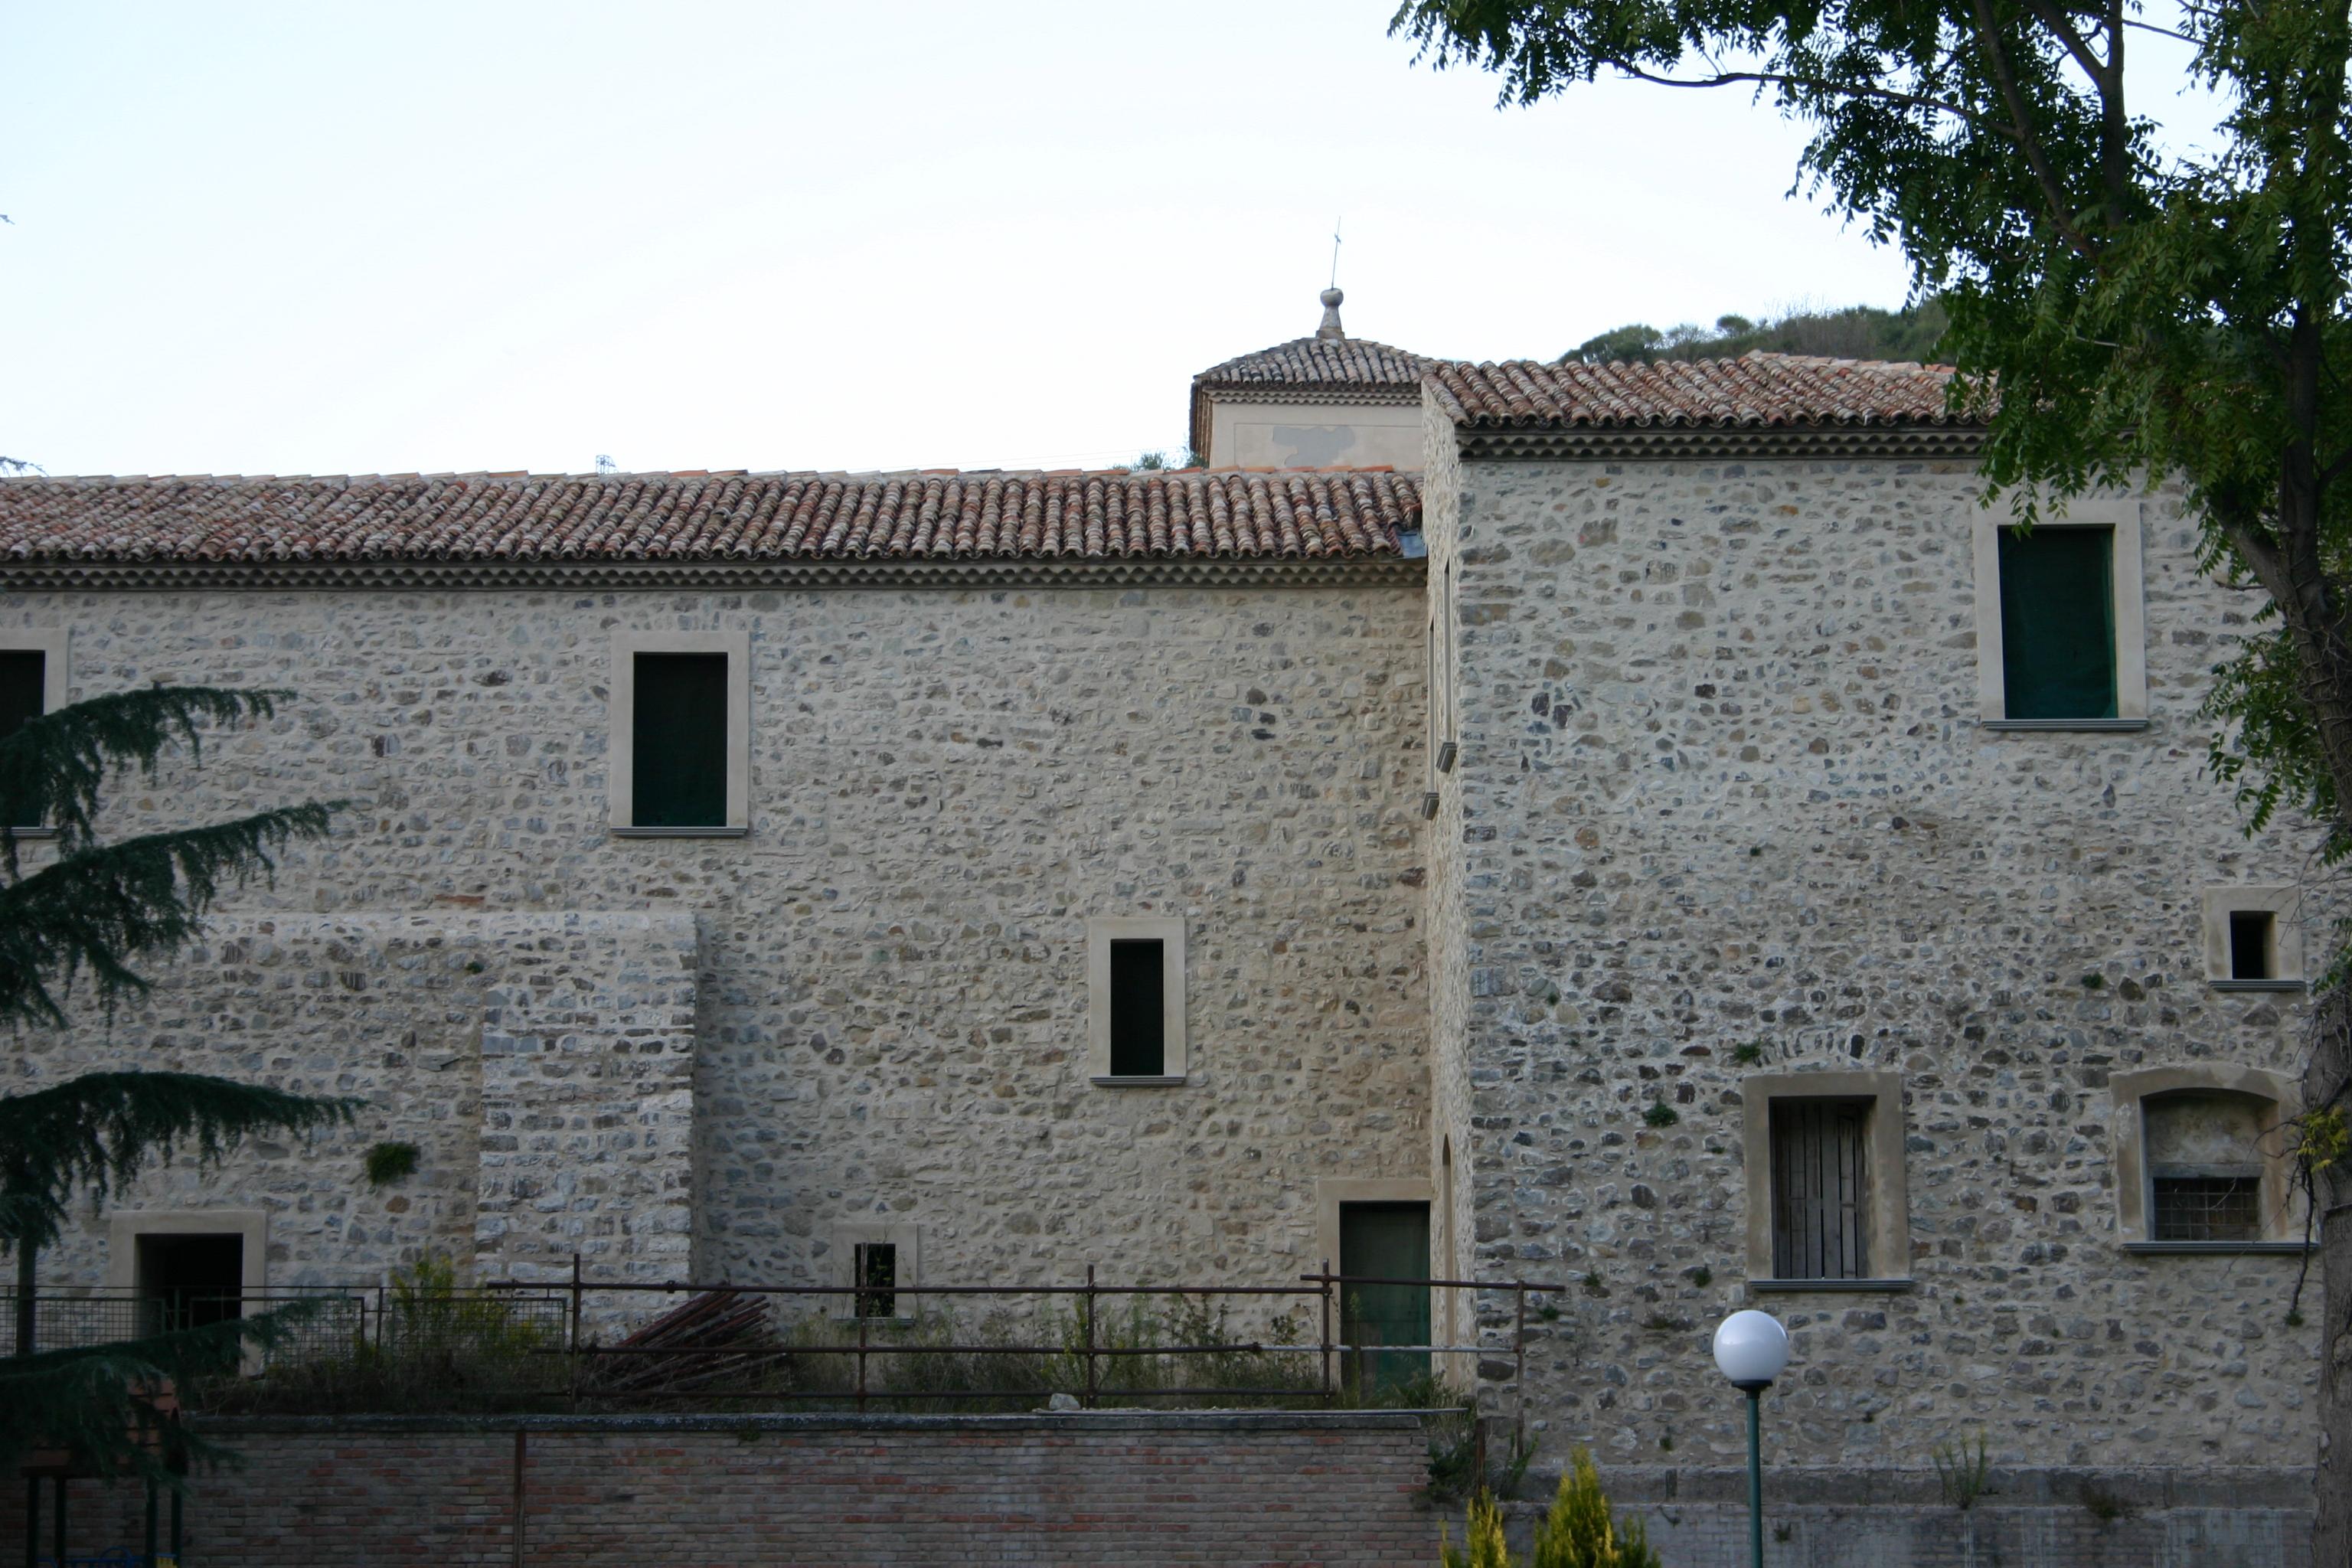 Santa Maria de Plano